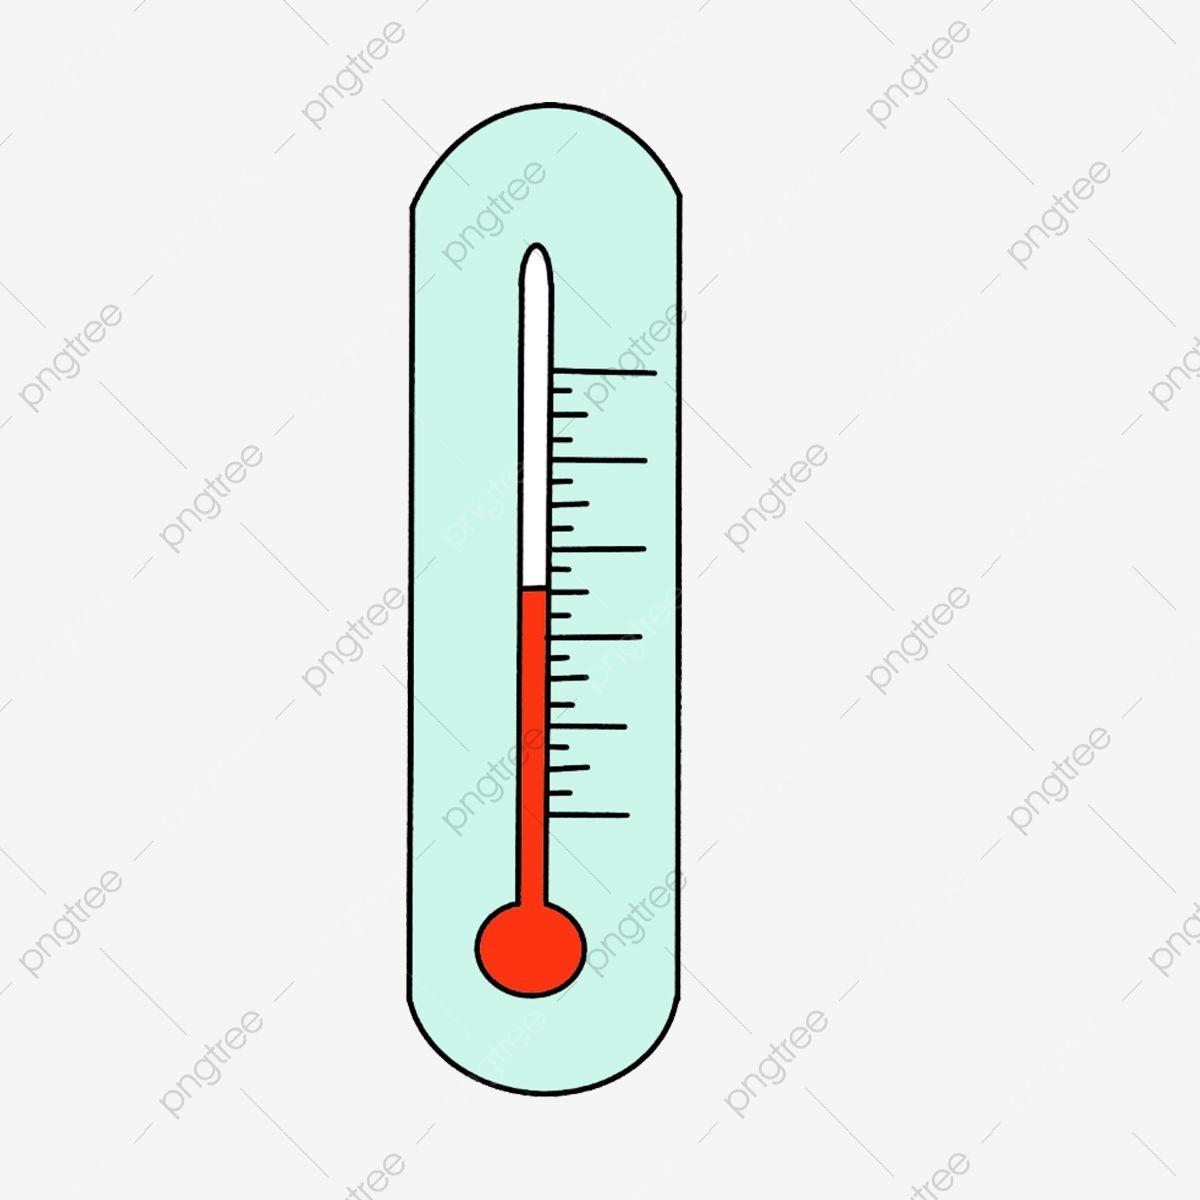 Termometro Medicion De Temperatura Termometro Temperatura Equipo De Termometro Equipo De Laboratorio Dibujos Png Y Psd Para Descargar Gratis Pngtree Termometro Temperatura Equipo De Laboratorio Logos Marcas De Ropa